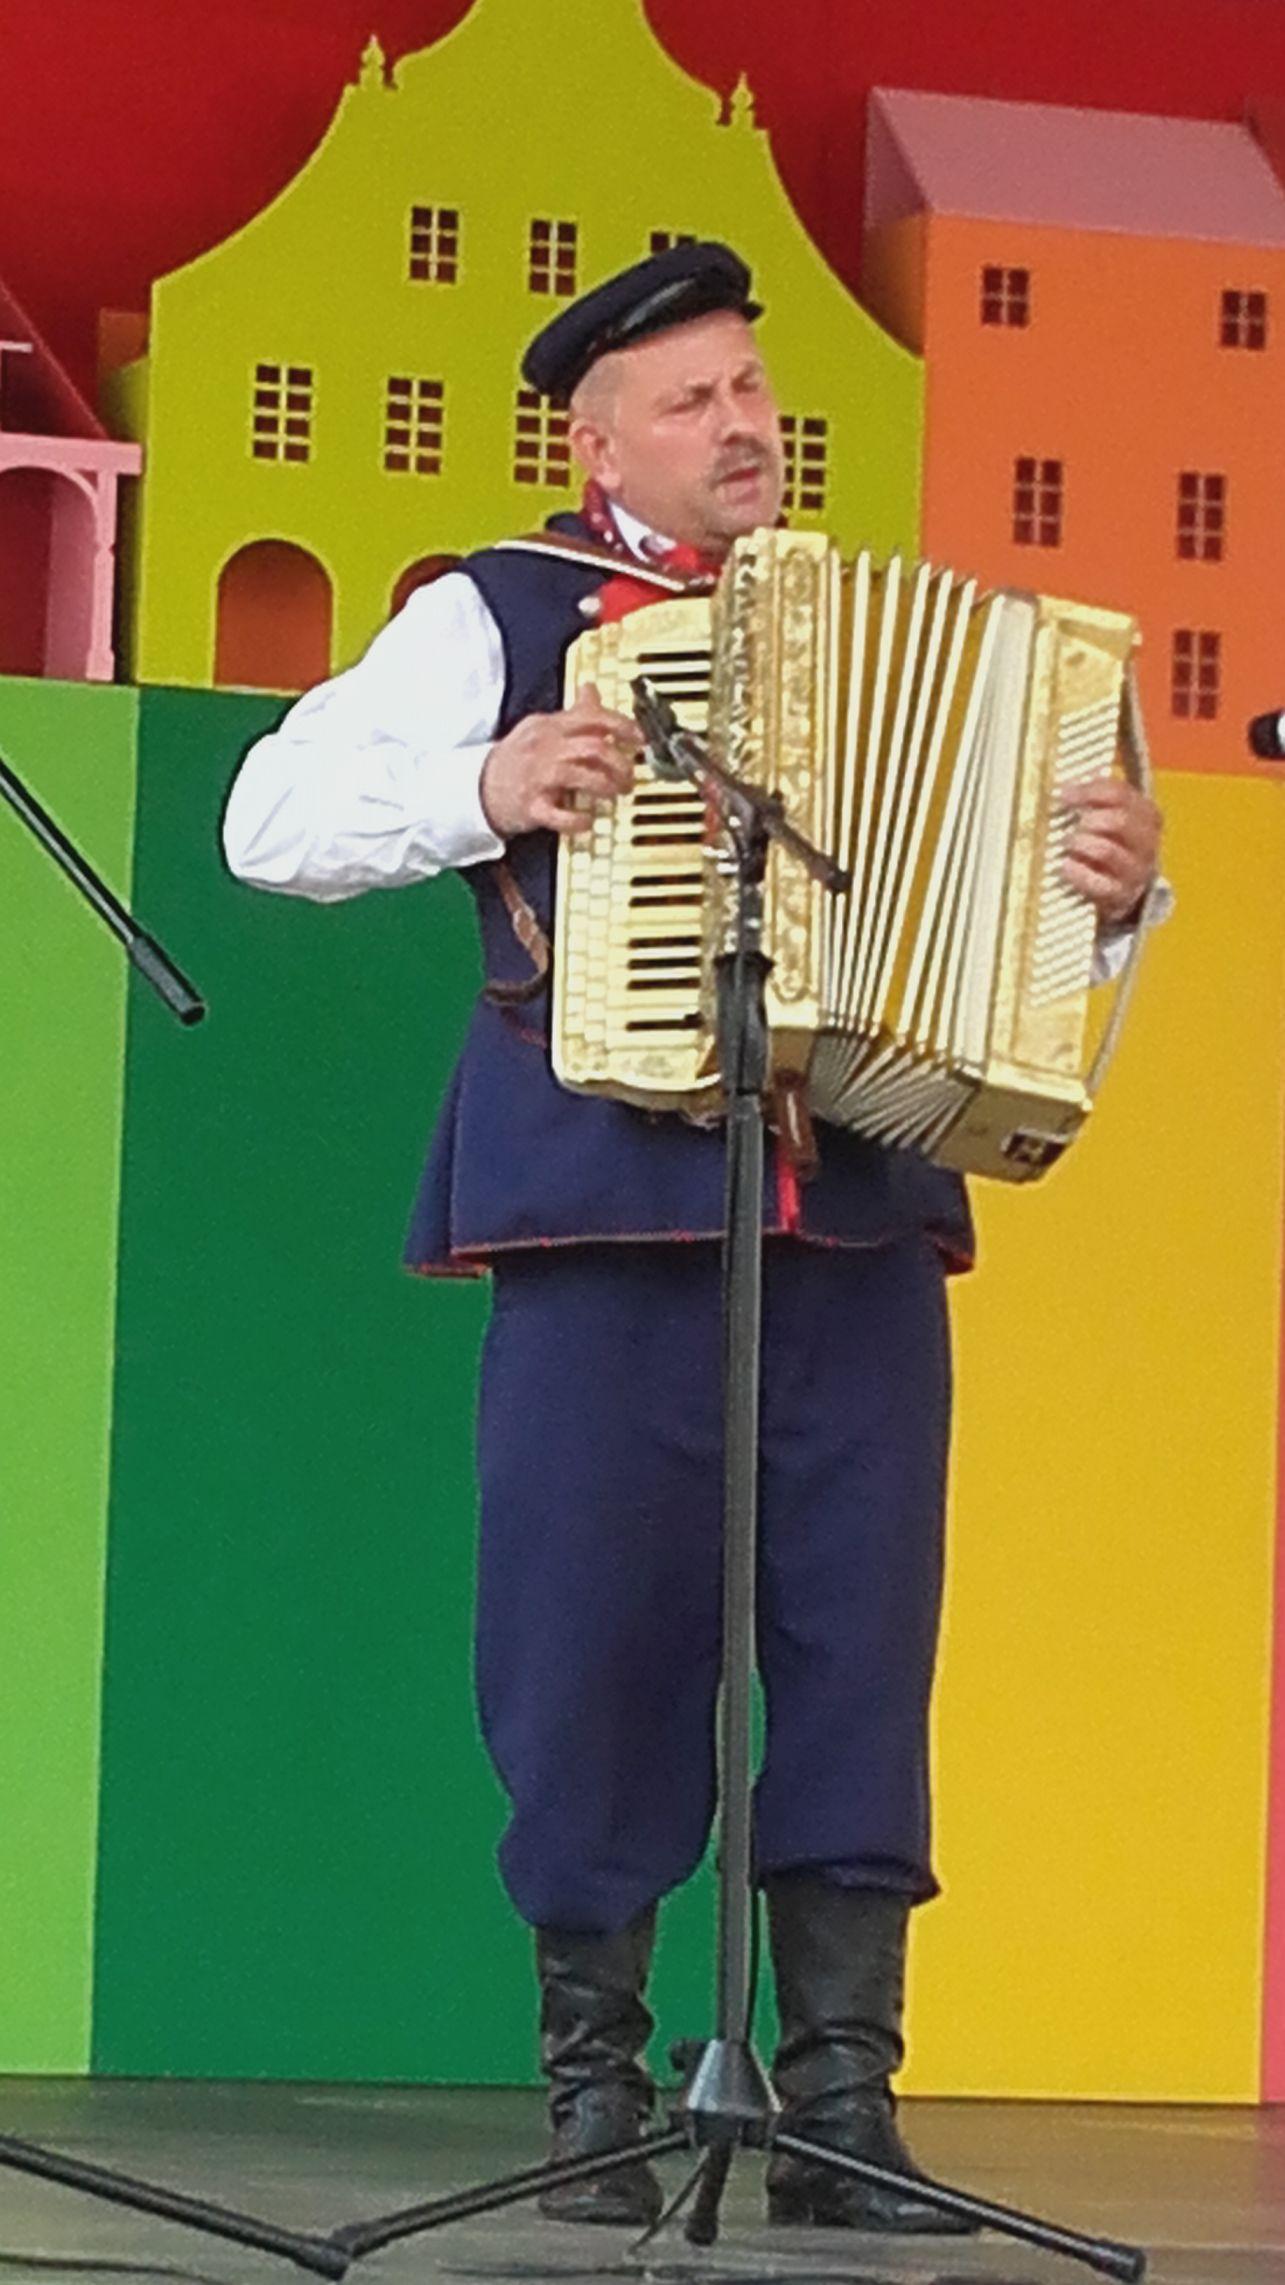 2016-06-25 Kazimierz Dolny - festiwal (8)